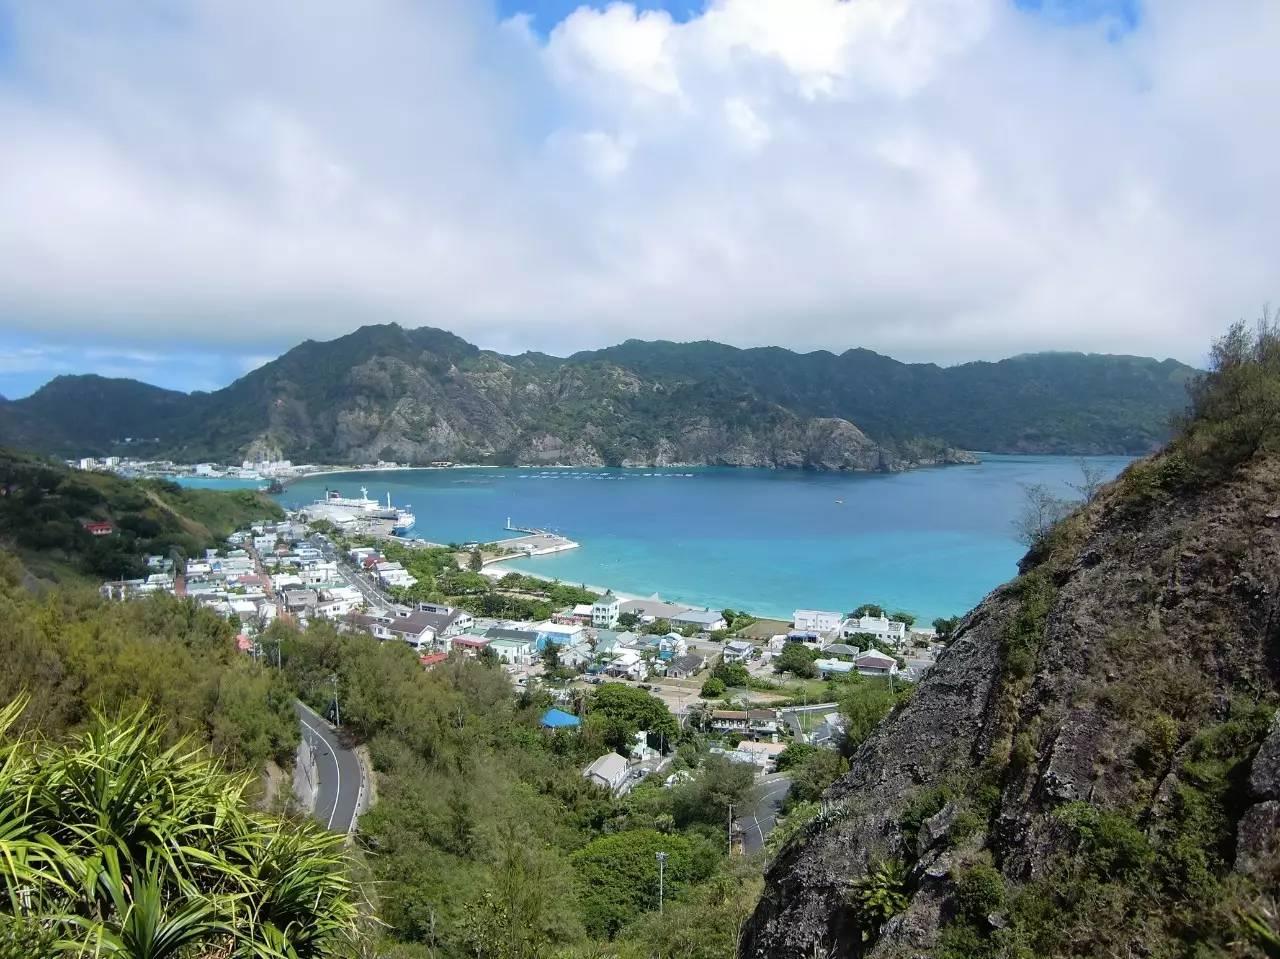 日本旅游地�_不是冲绳!日本这个美出翔的世界级海岛你知道吗?